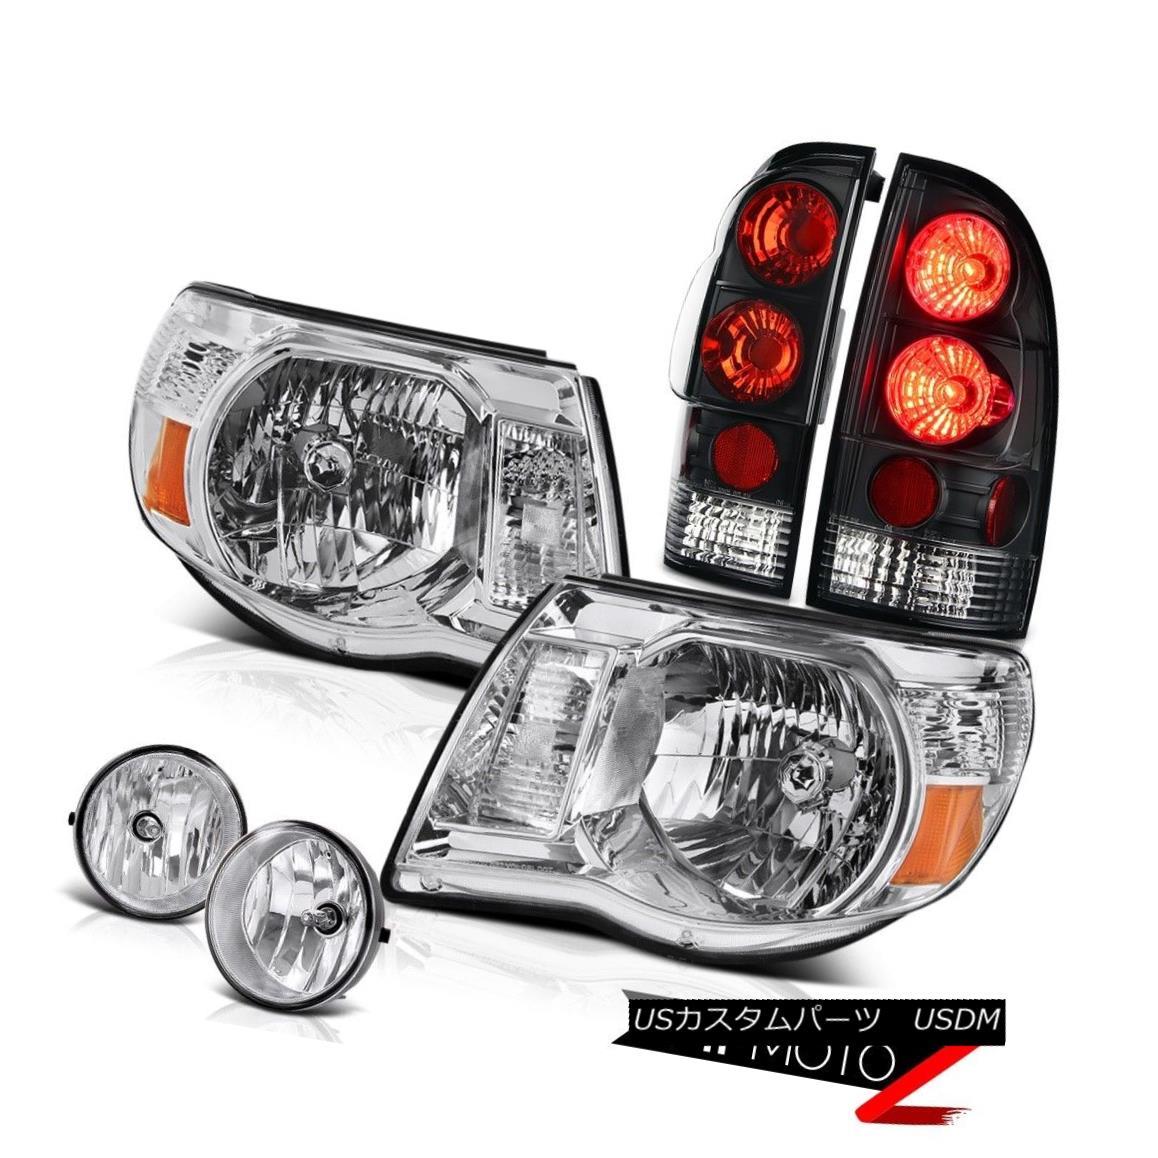 ヘッドライト Crystal Clear Headlights Brake Tail Lights Fog Lamps 2005-2011 Tacoma PreRunner クリスタルクリアヘッドライトブレーキテールライトフォグランプ2005-2011 Tacoma PreRunner